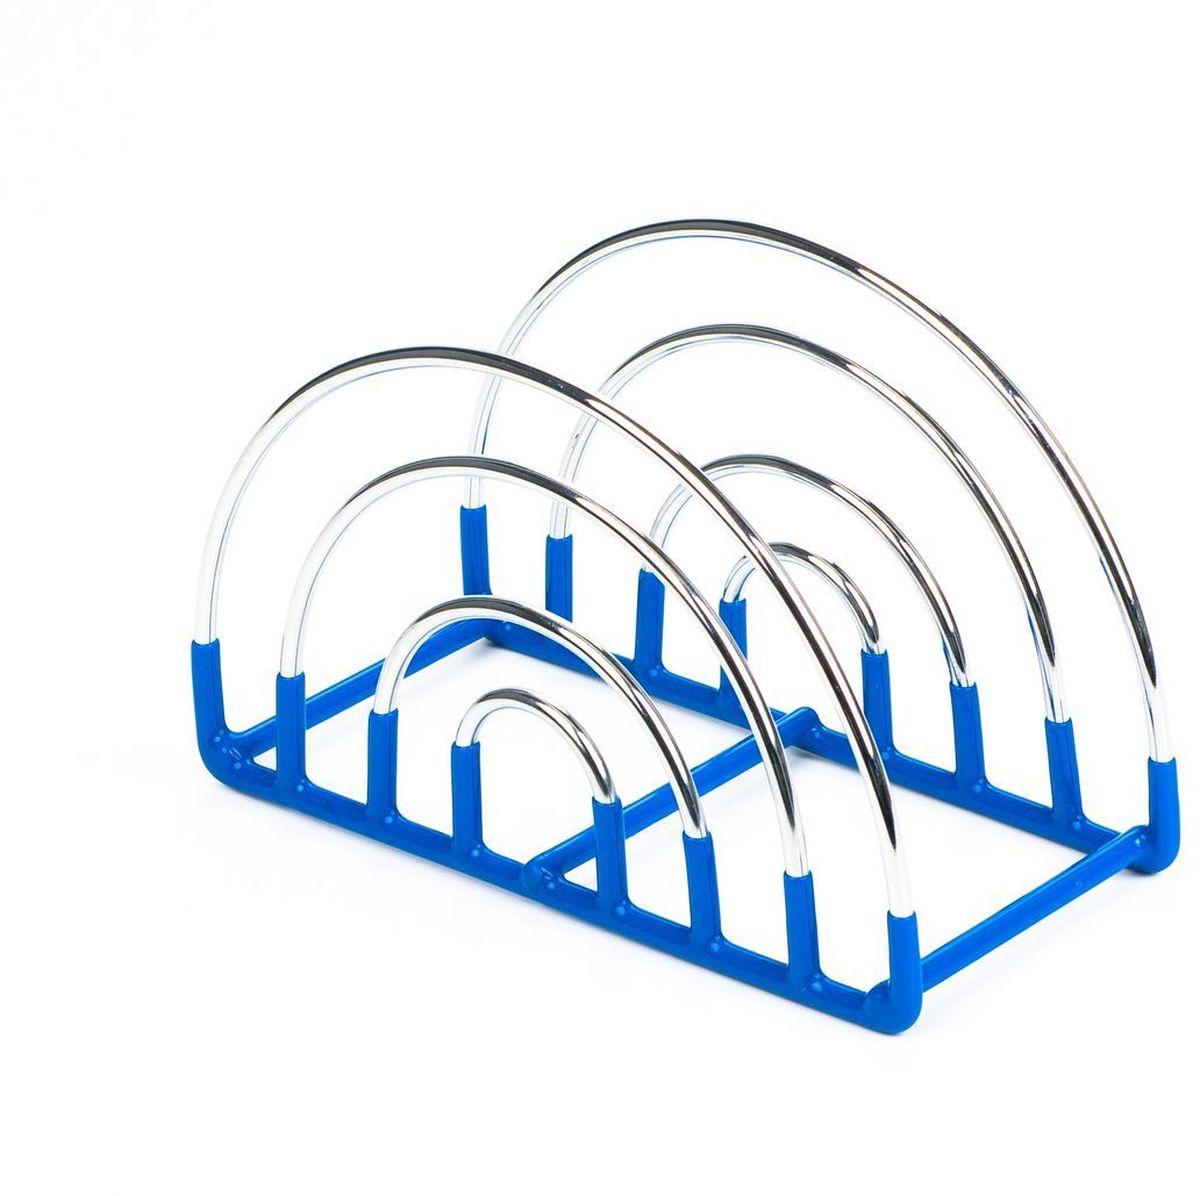 Салфетница Stahlberg Uranus, цвет: голубой, 14,5 х 6,5 х 11 смVT-1520(SR)Посуда STAHLBERG изготовлена только из качественных, экологически чистых материалов. Также уделяется особое внимание дизайну продукции, способному удовлетворять вкусы даже самых взыскательных покупателей. Сталь 8/10, из которой изготавливается посуда и аксессуары STAHLBERG, является уникальной. Она отличается высокими эксплуатационными характеристиками и крайне устойчива к физическим воздействиям. Сложно найти более подходящий для создания качественной кухонной посуды материал. Отличительной чертой металлической посуды, выполненной из подобной стали, является характерный сероватый оттенок поверхности и особый блеск. Это позволяет приготовить более здоровую пищу.